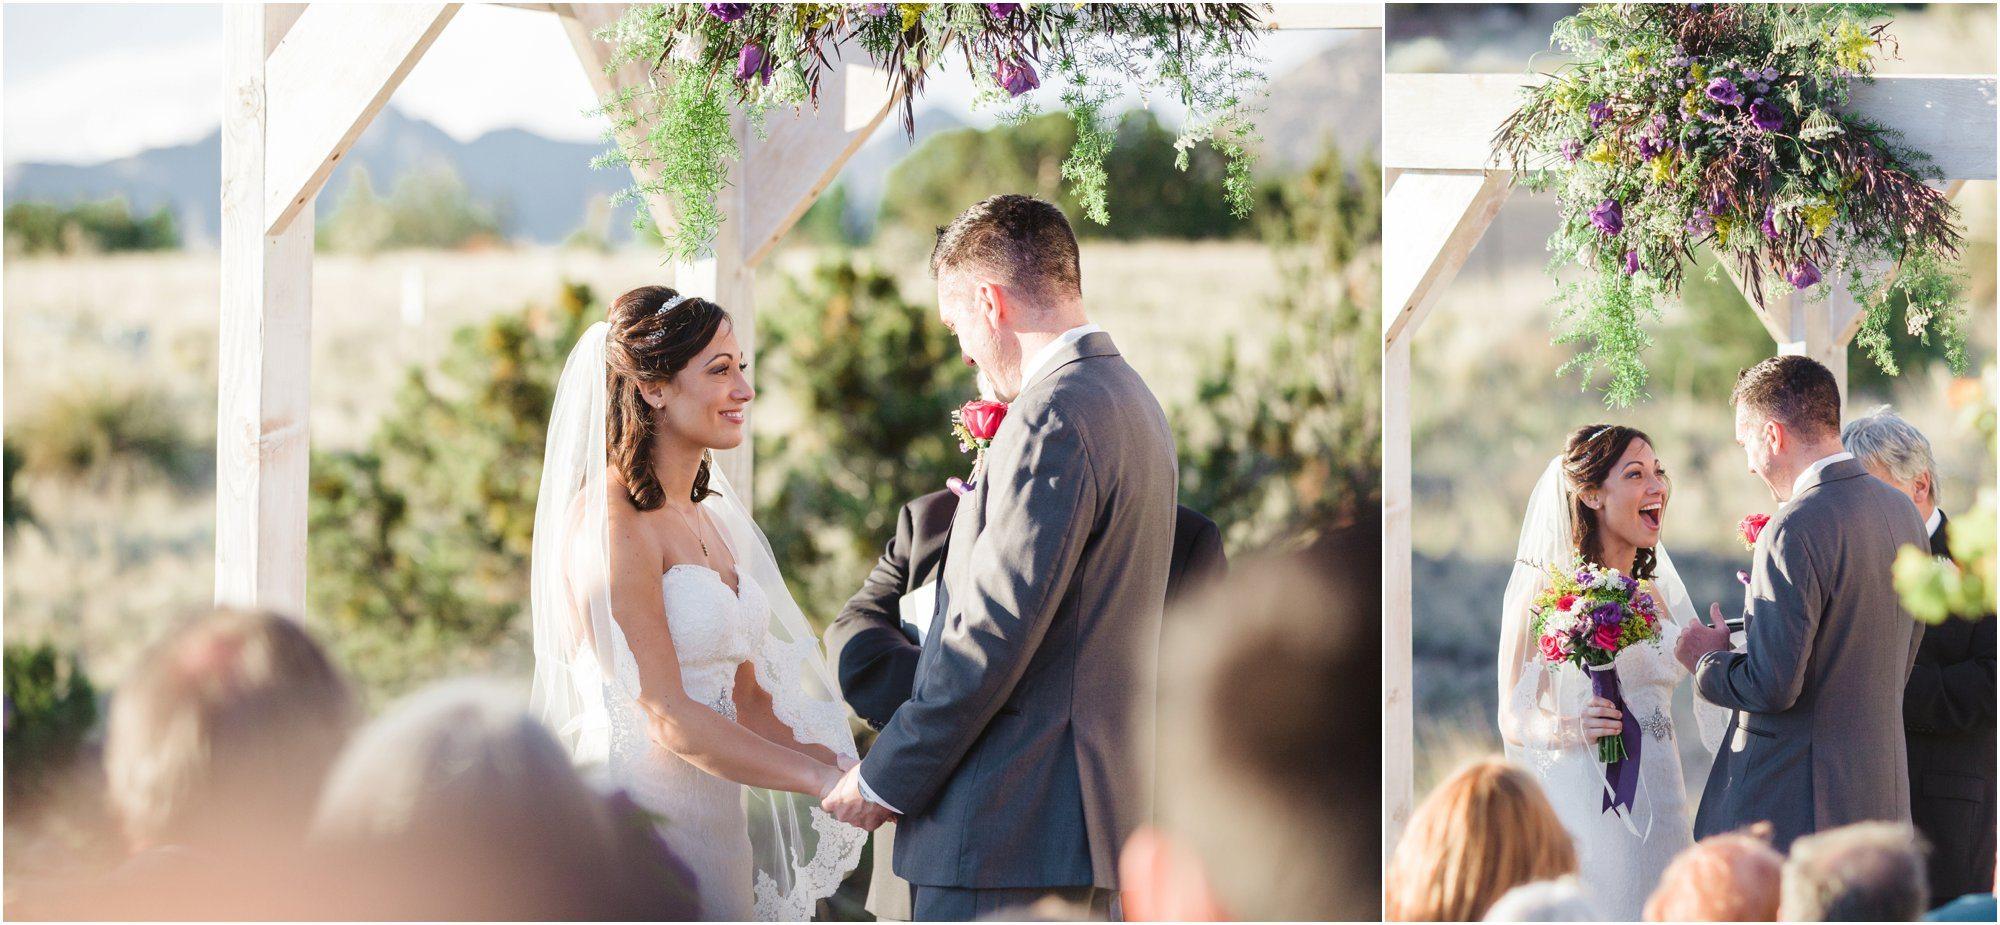 0061albuquerque-wedding-photographer_-santa-fe-wedding-photography_blue-rose-studio